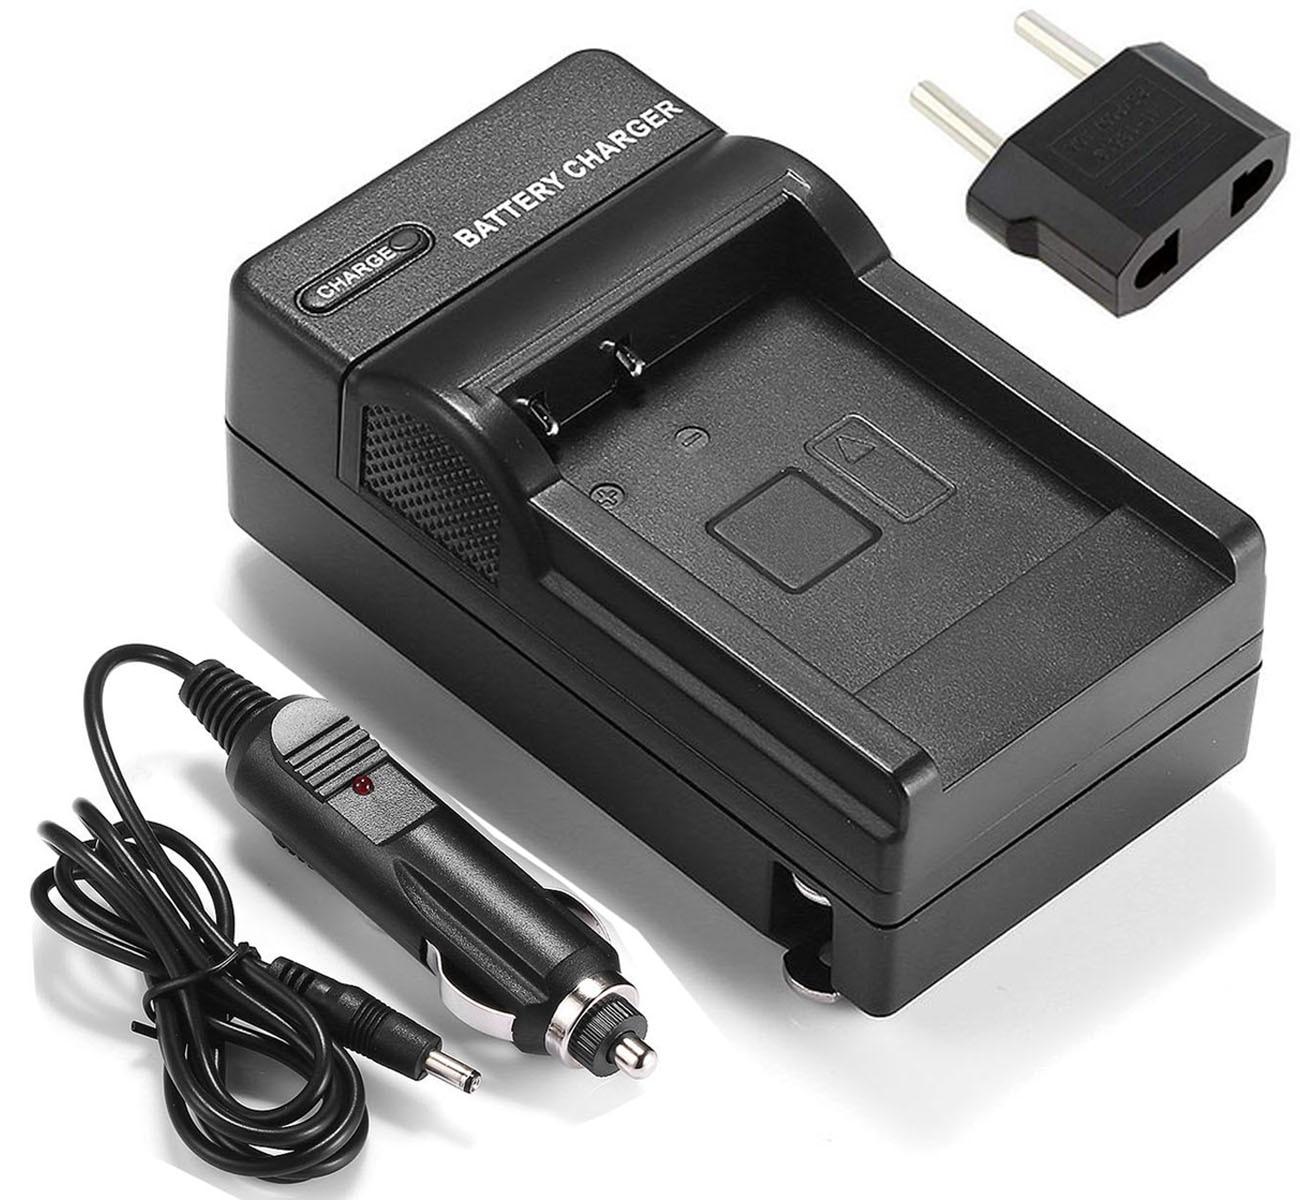 SC-L710 SC-L750 Battery Charger for Samsung SC-L700 SC-L770 Digital Video Camcorder